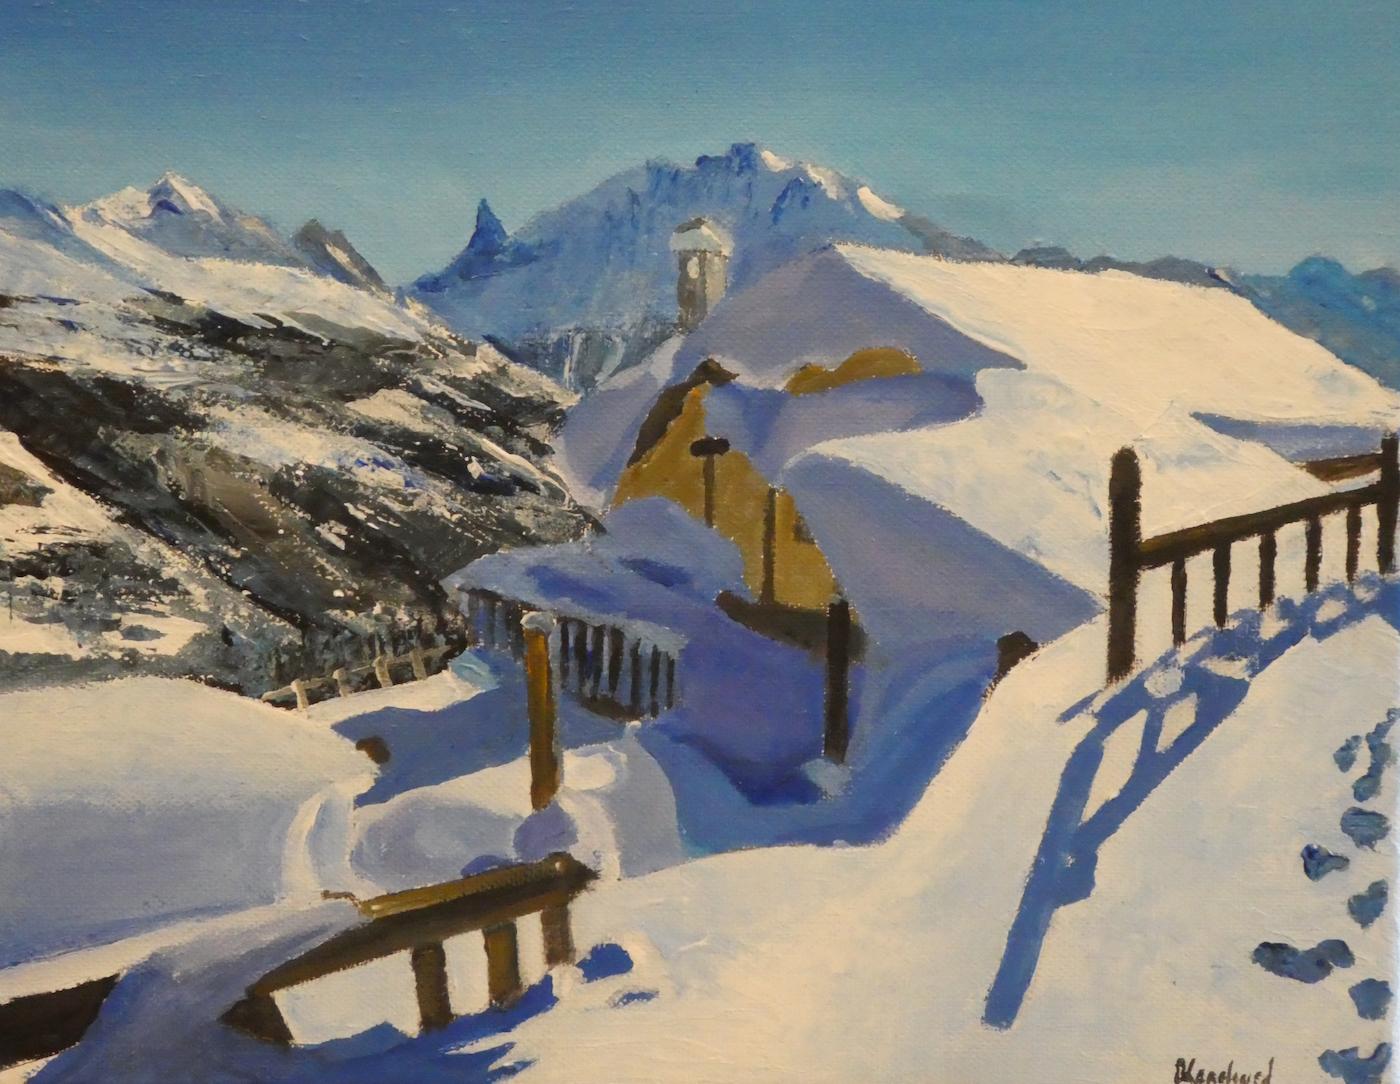 Chalet sous la neige et barrière